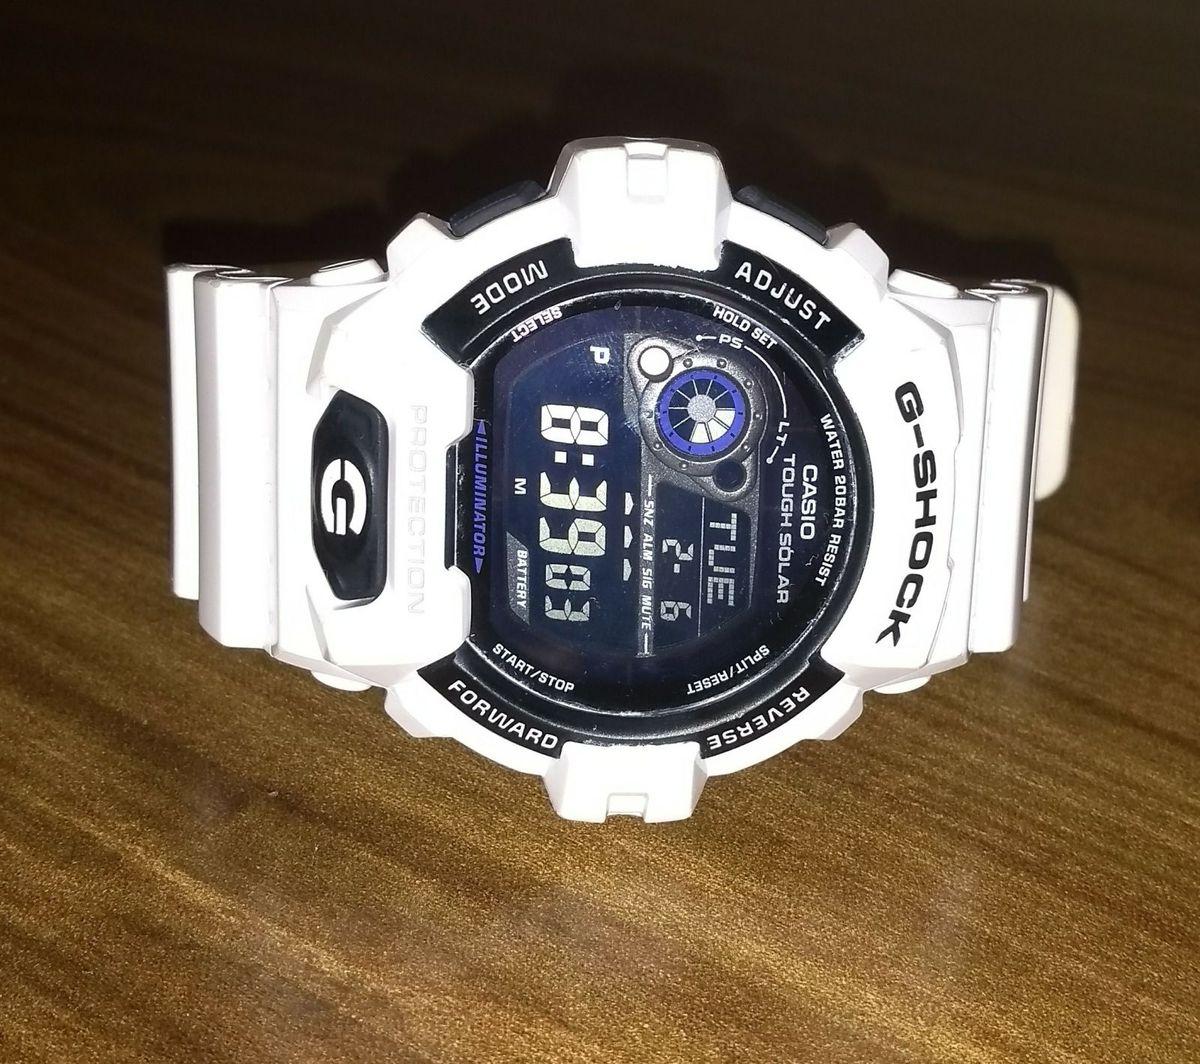 b71adf085aa g-shock gr-8900a-7dr branco - relógios casio.  Czm6ly9wag90b3muzw5qb2vplmnvbs5ici9wcm9kdwn0cy83nze3mjuxlzdiyty3ote1ztc5zguwnjhhytq4zmuzn2iymtk0y2uxlmpwzw  ...